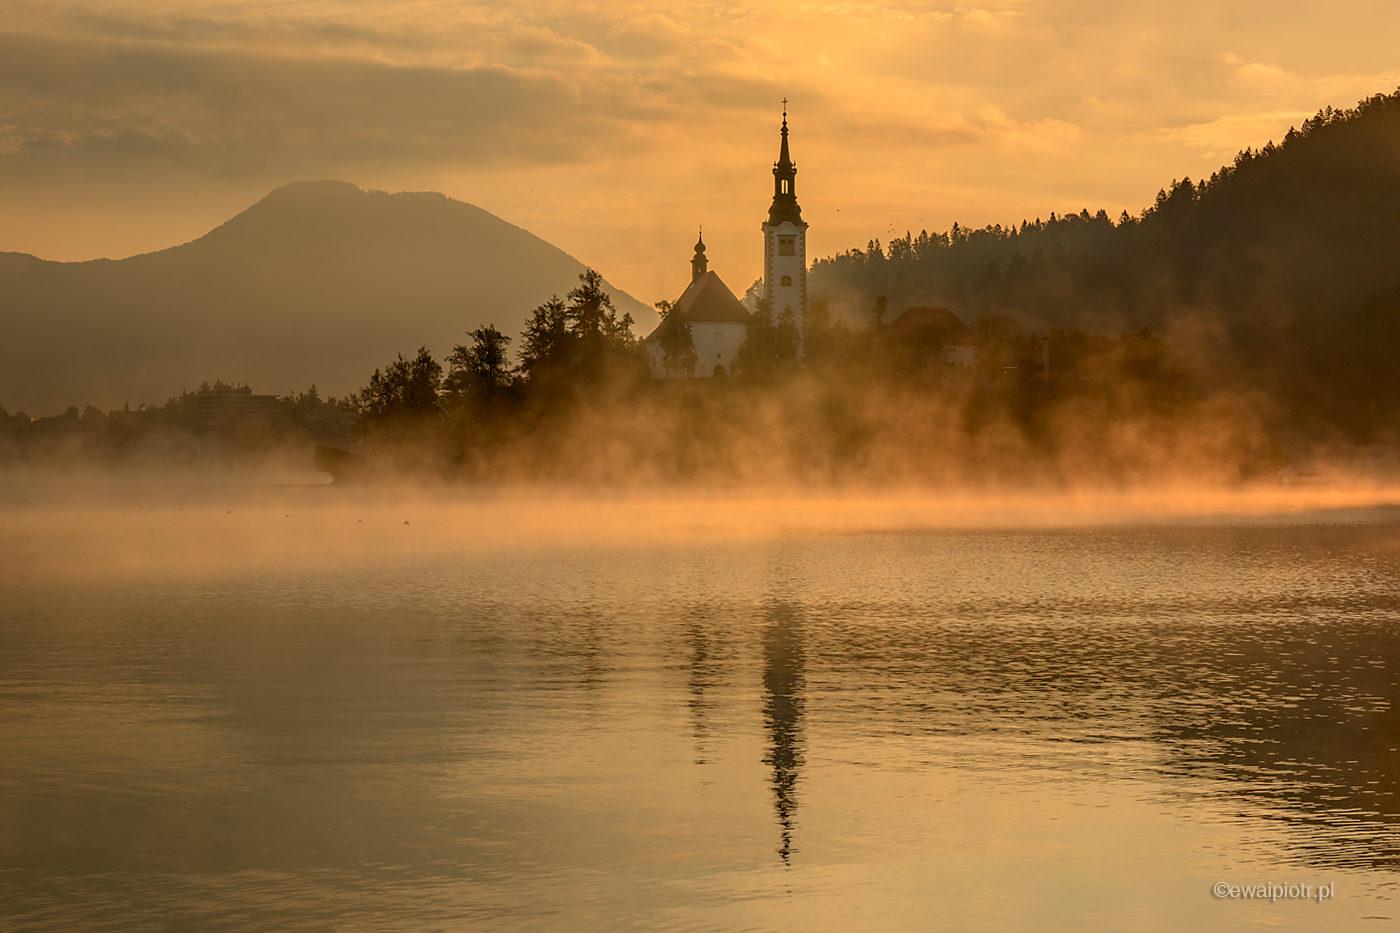 Jezioro Bled, Słowenia, covid-19 a fotowyprawa